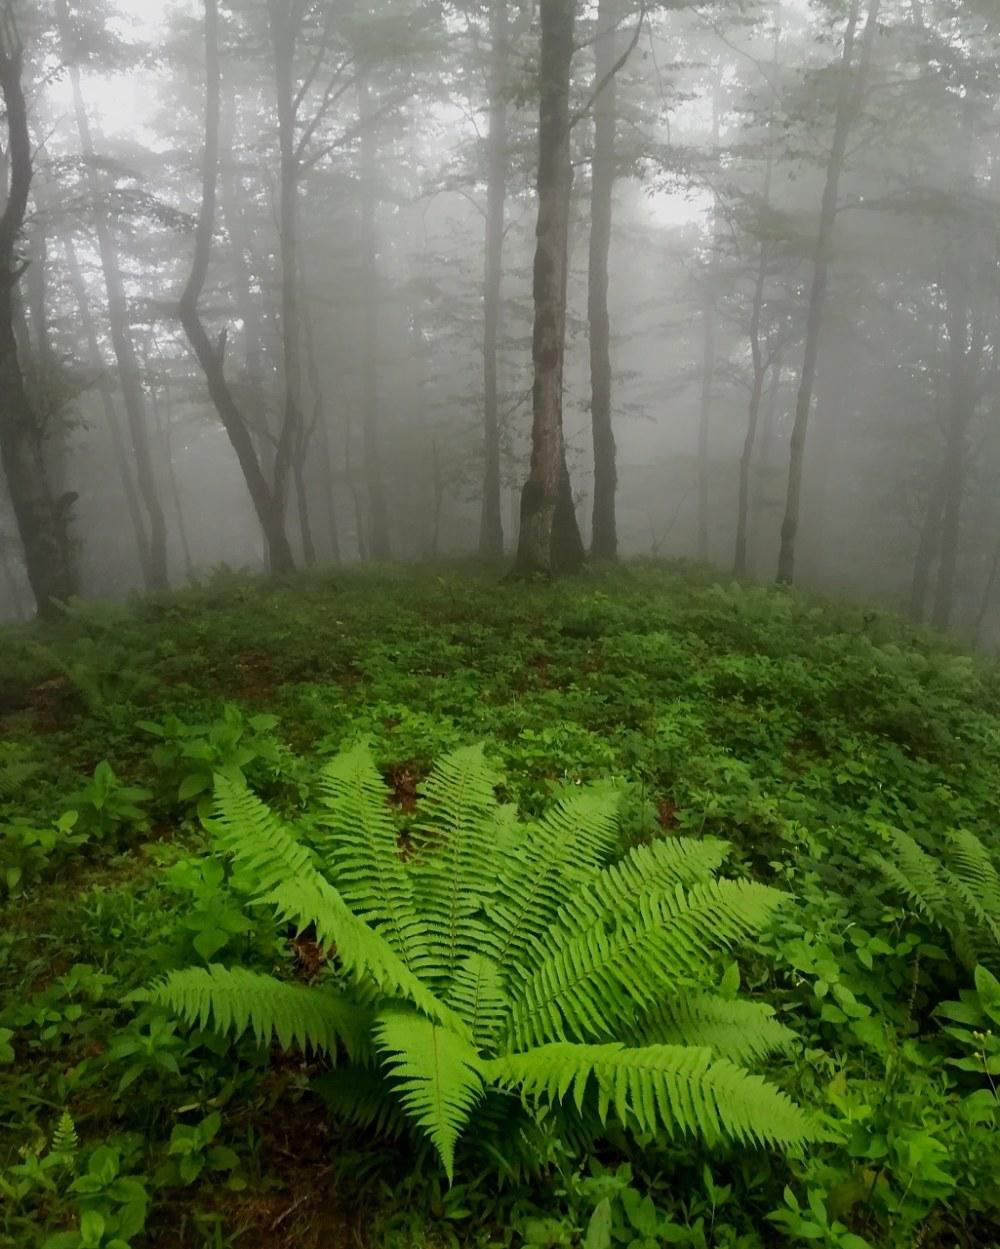 در اعماق جنگل های گیلان